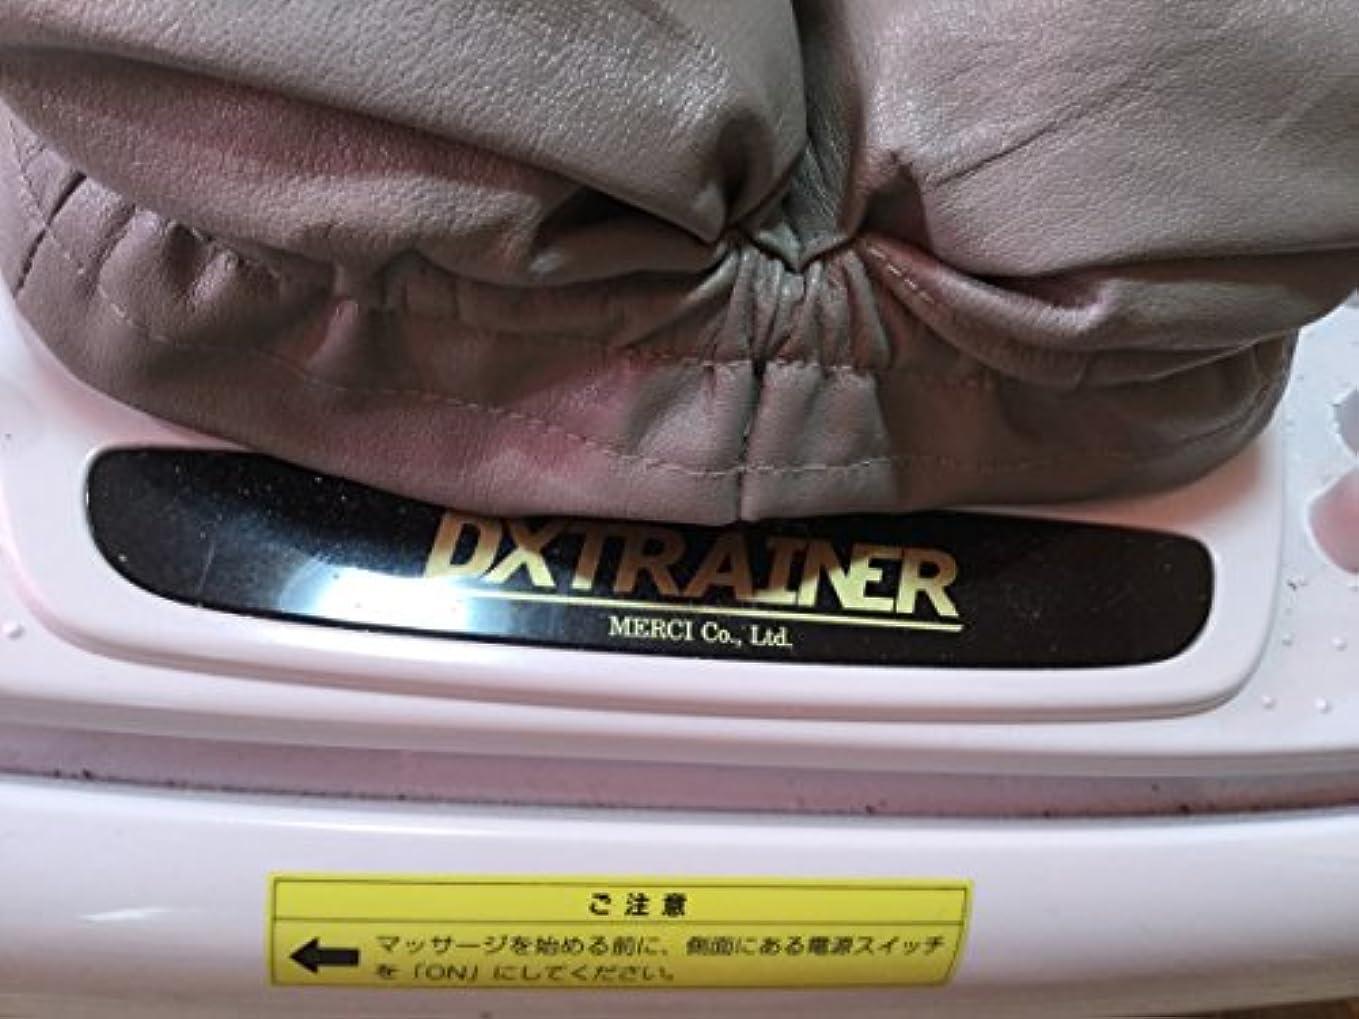 制限星推定DX TRAINER ディーエックストレーナー MD-8400